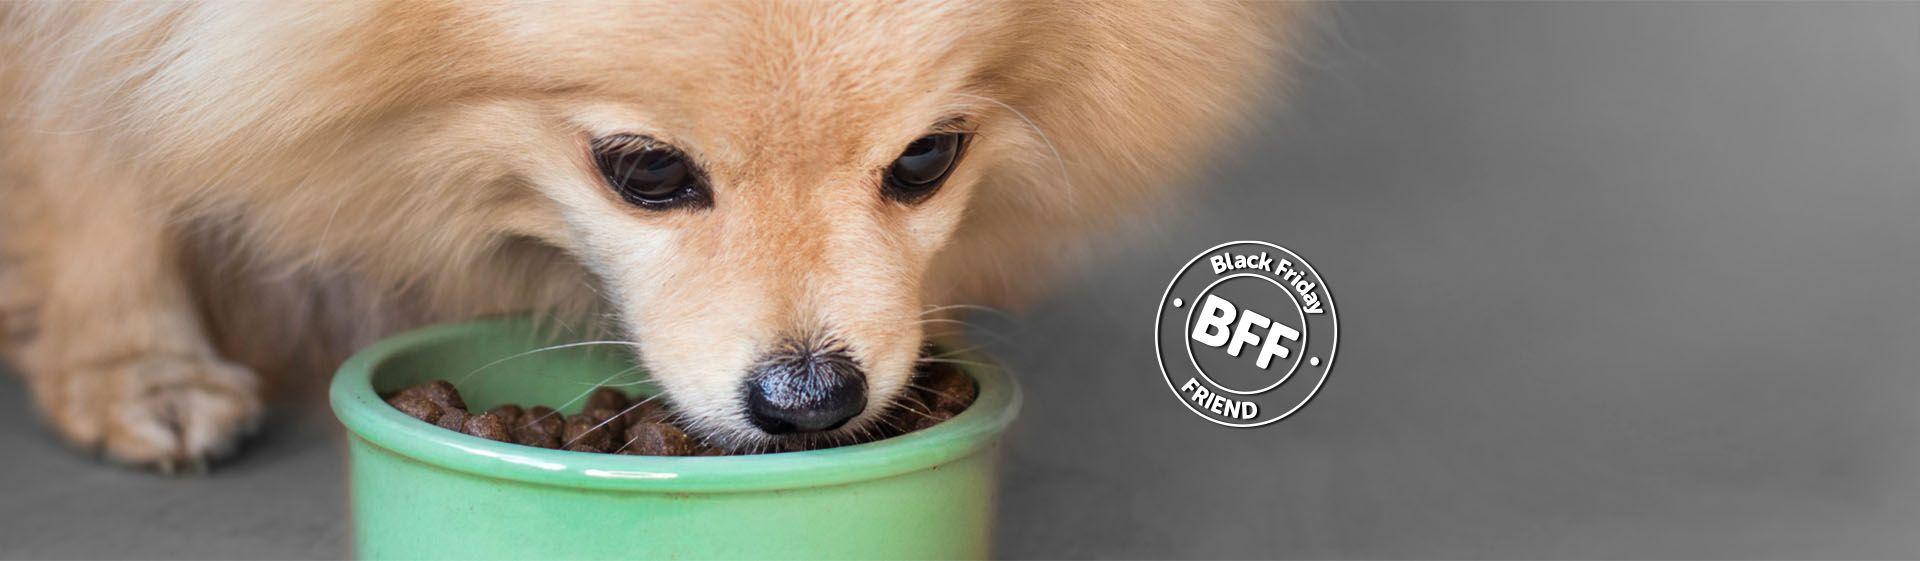 Ração para cachorro: confira as 9 melhores rações para cães